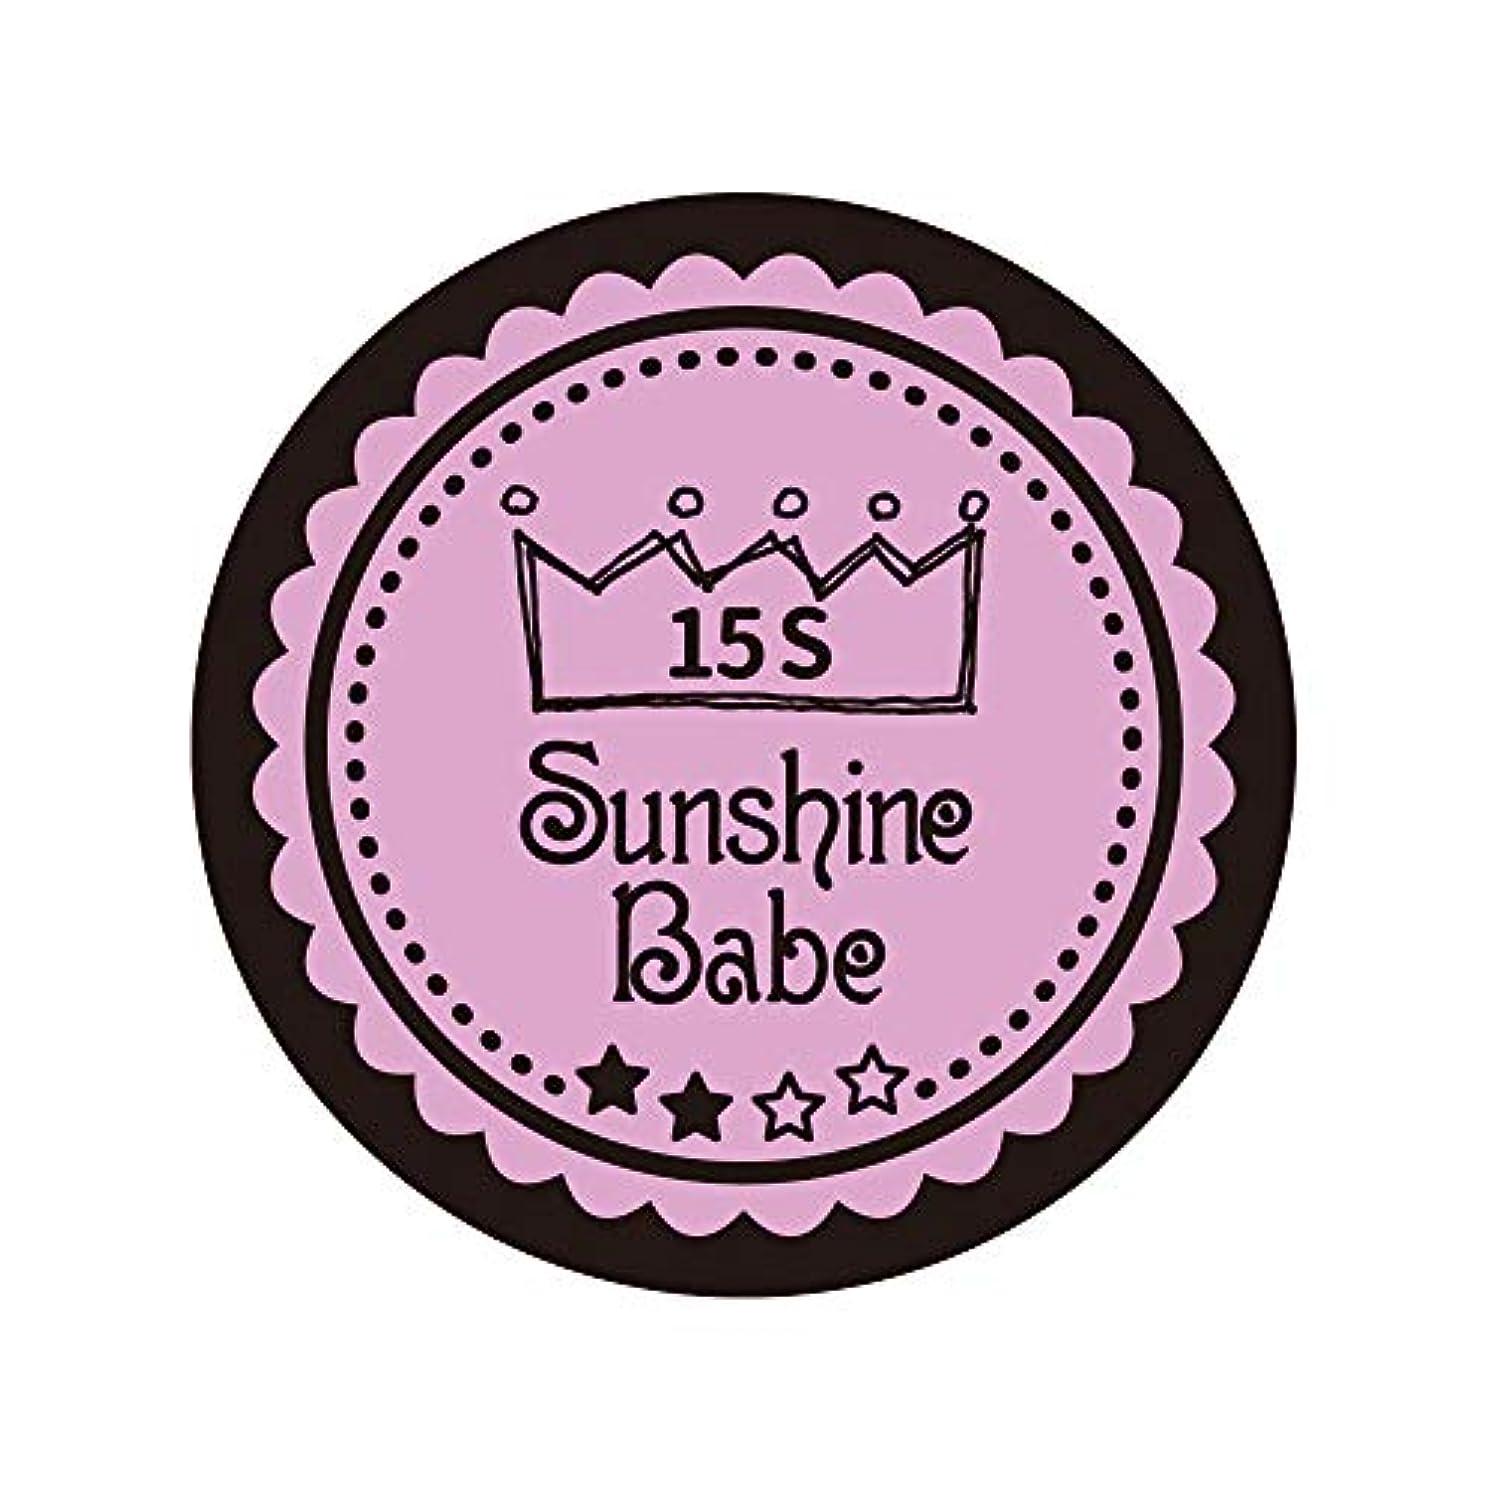 透けて見える雑品そうでなければSunshine Babe カラージェル 15S ピンクラベンダー 2.7g UV/LED対応